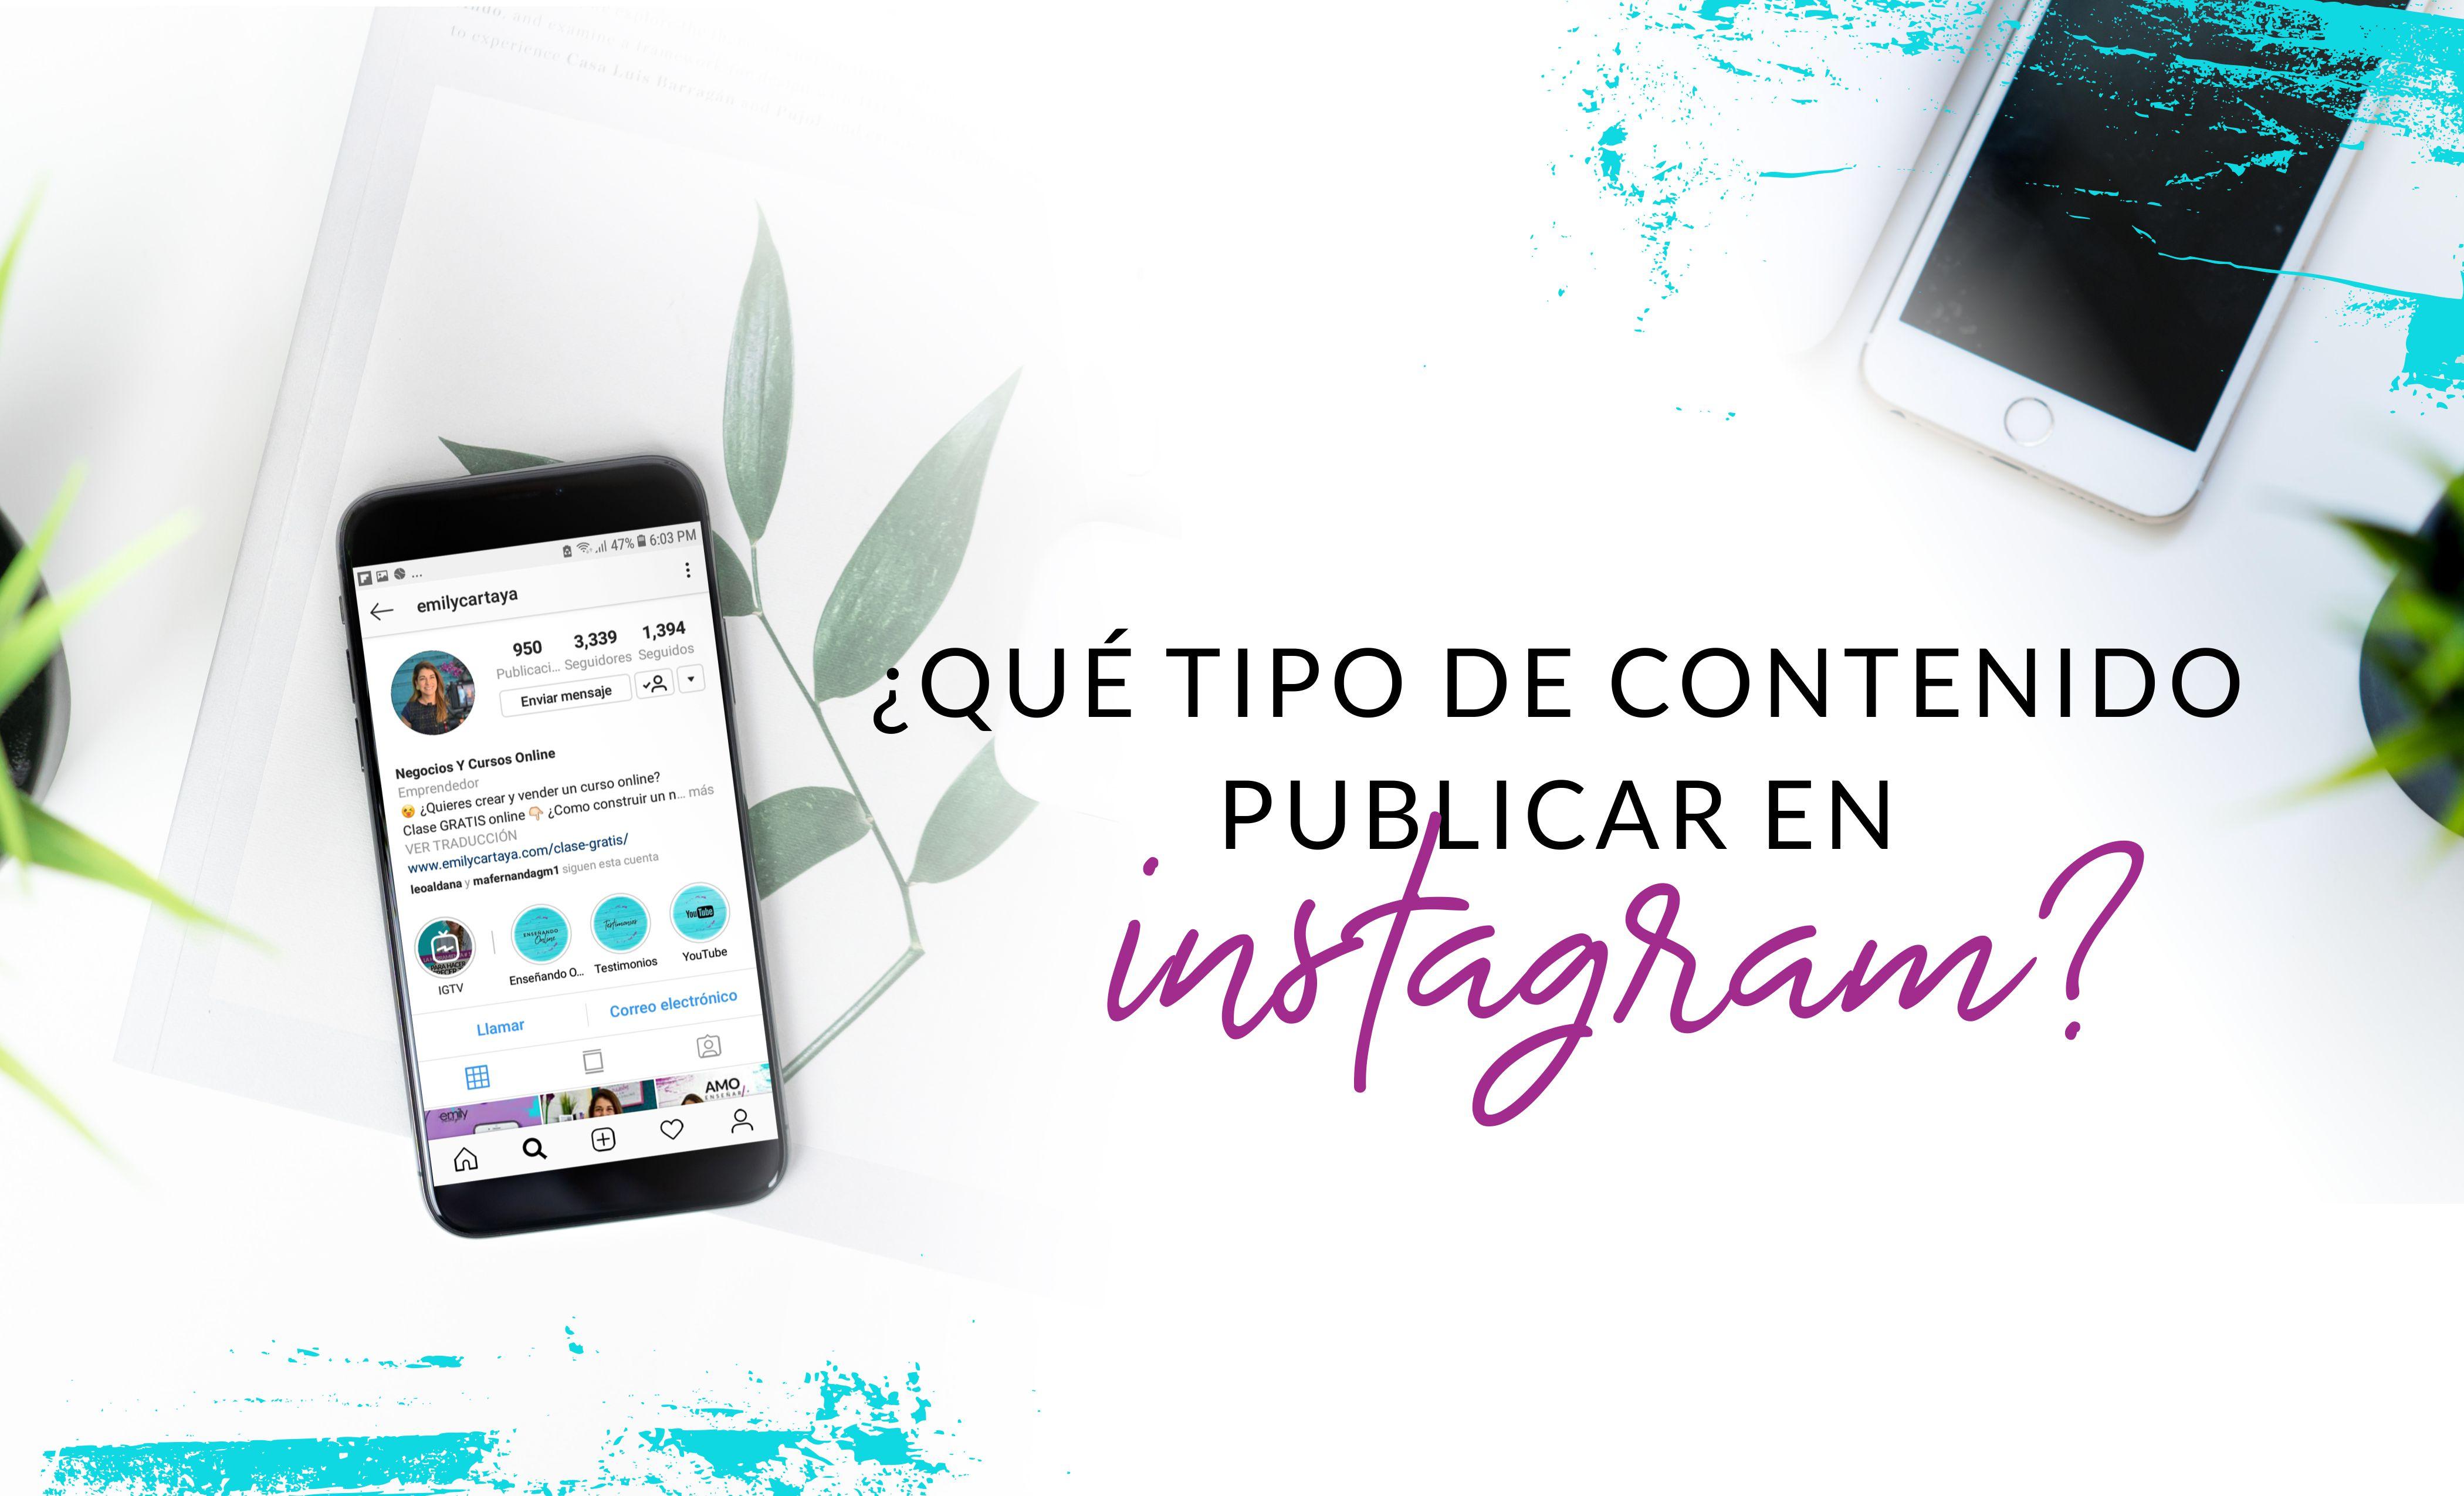 Episodio #12: ¿Qué tipo de contenido publicar en Instagram?